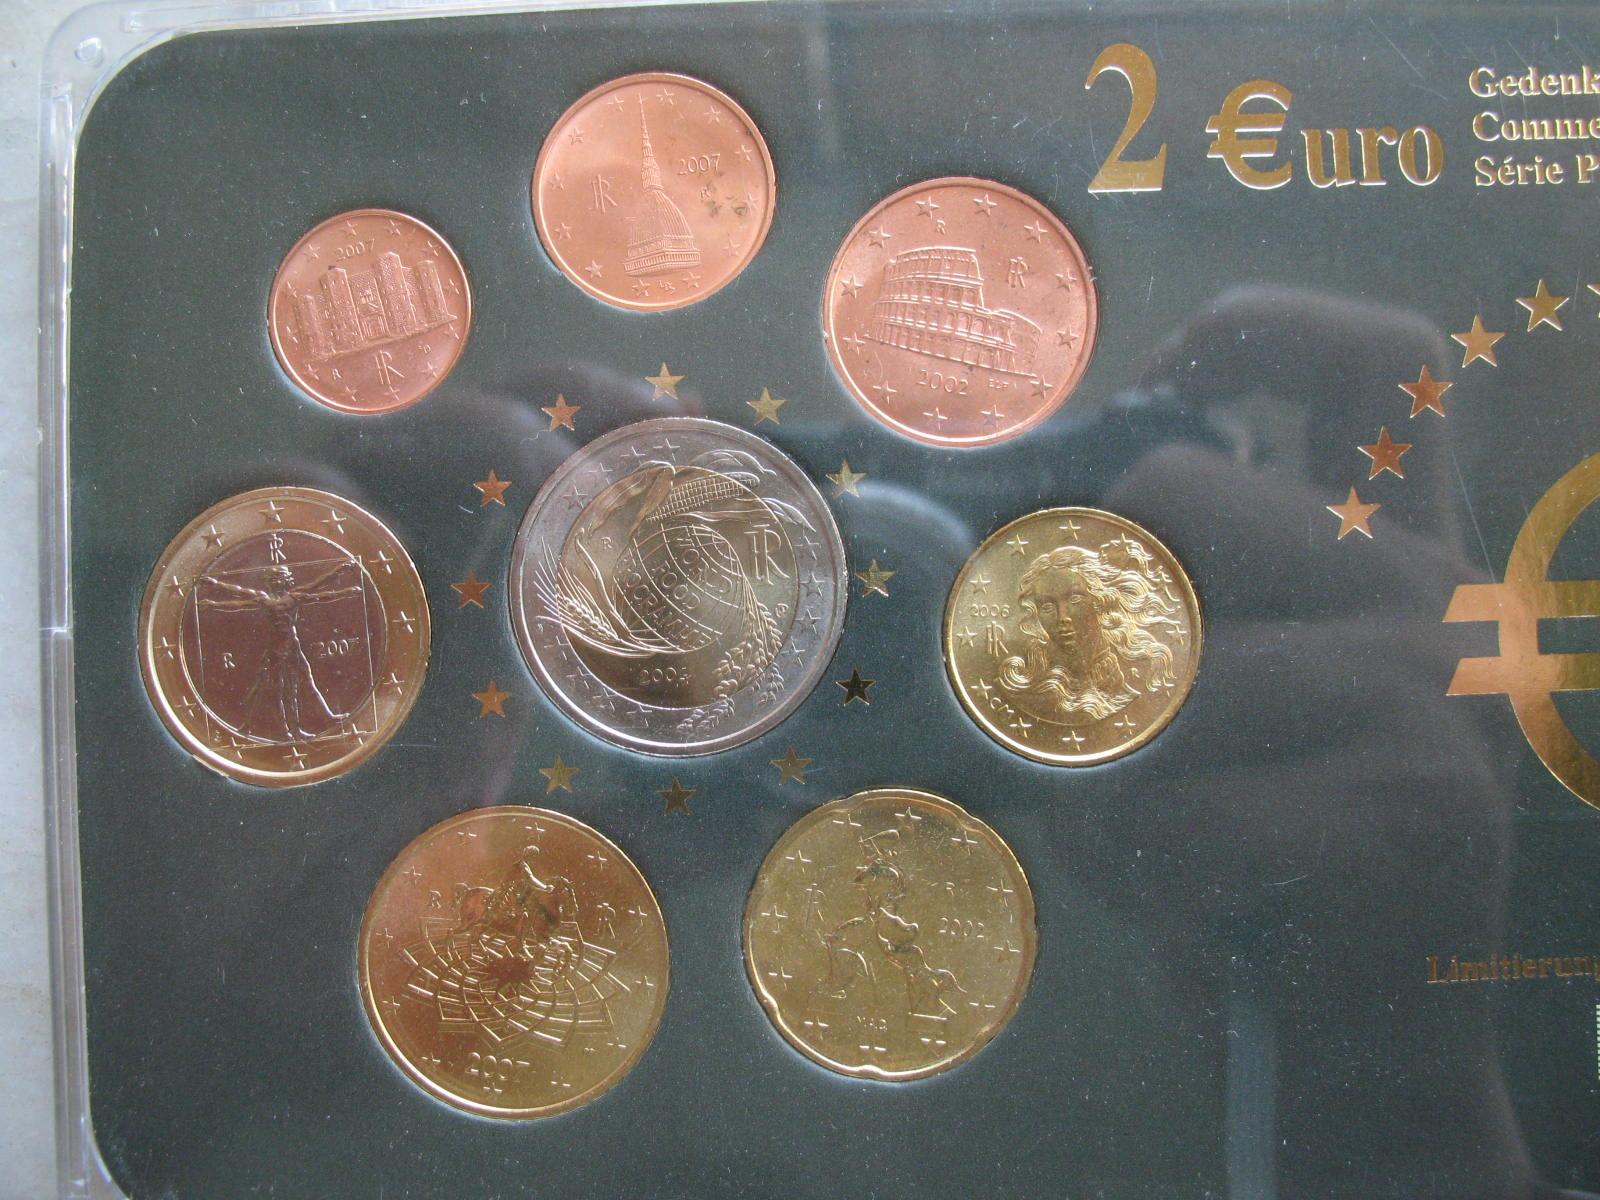 意大利欧元套币带盒装(2004年2欧元纪念币)(大图展示)图片